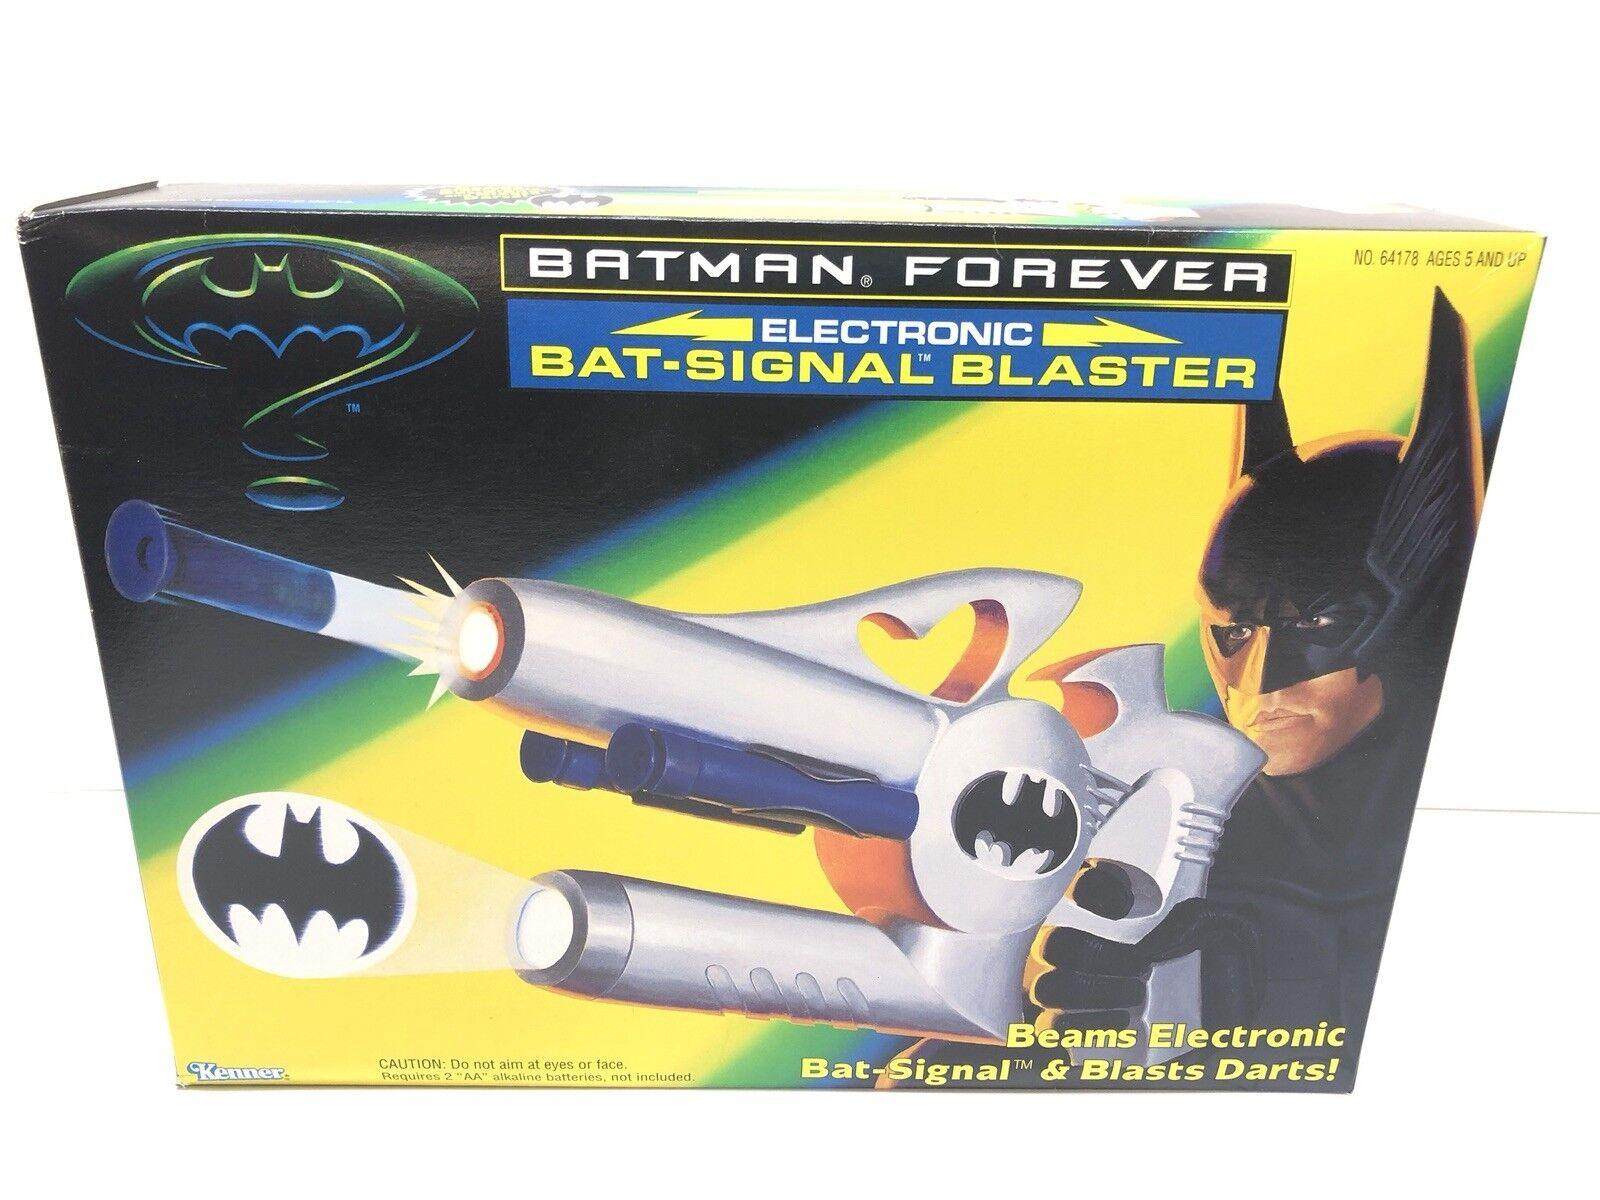 Kenner batman forever bat-signal blaster versiegelt erstbezug 1995